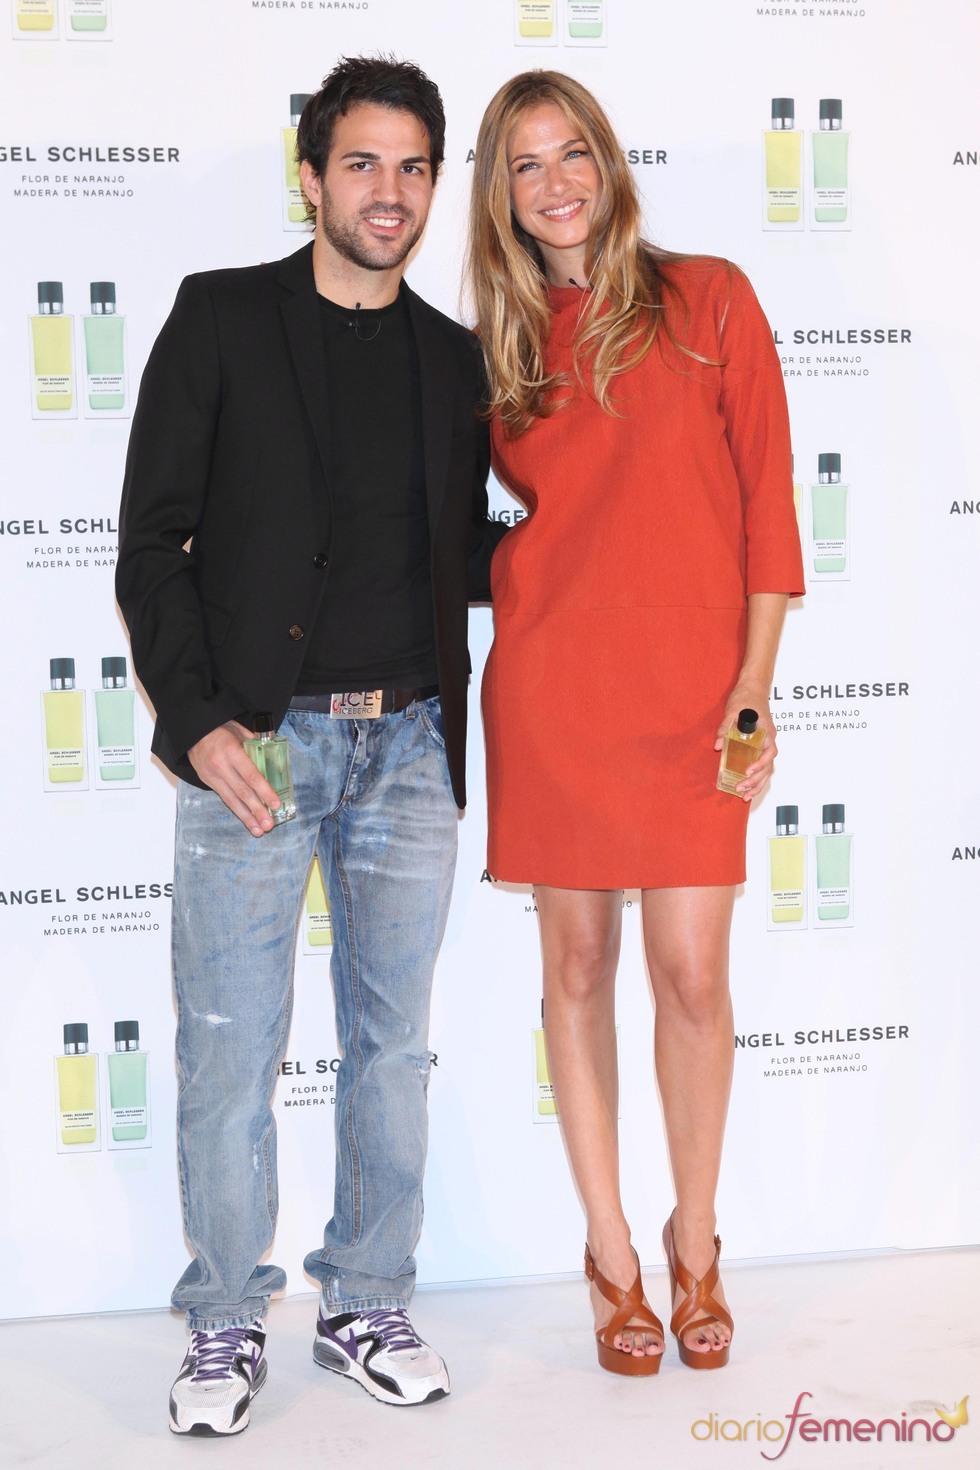 Martina Klein y Cesc Fábregas presentan las nuevas fragancias de Angel Schlesser